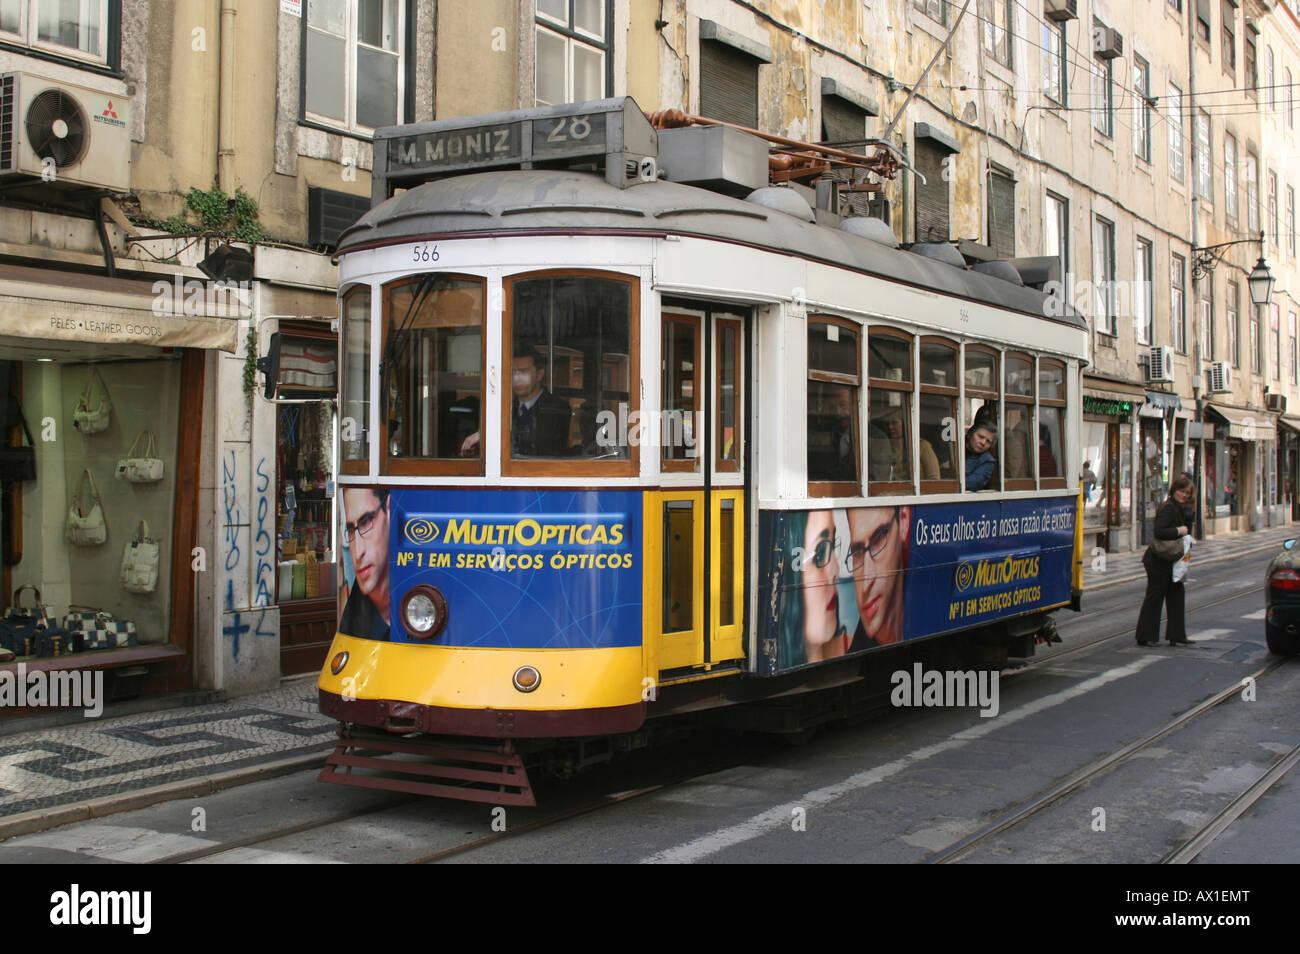 Tram, Lisbon, Região de Lisboa, Portugal, Europe - Stock Image